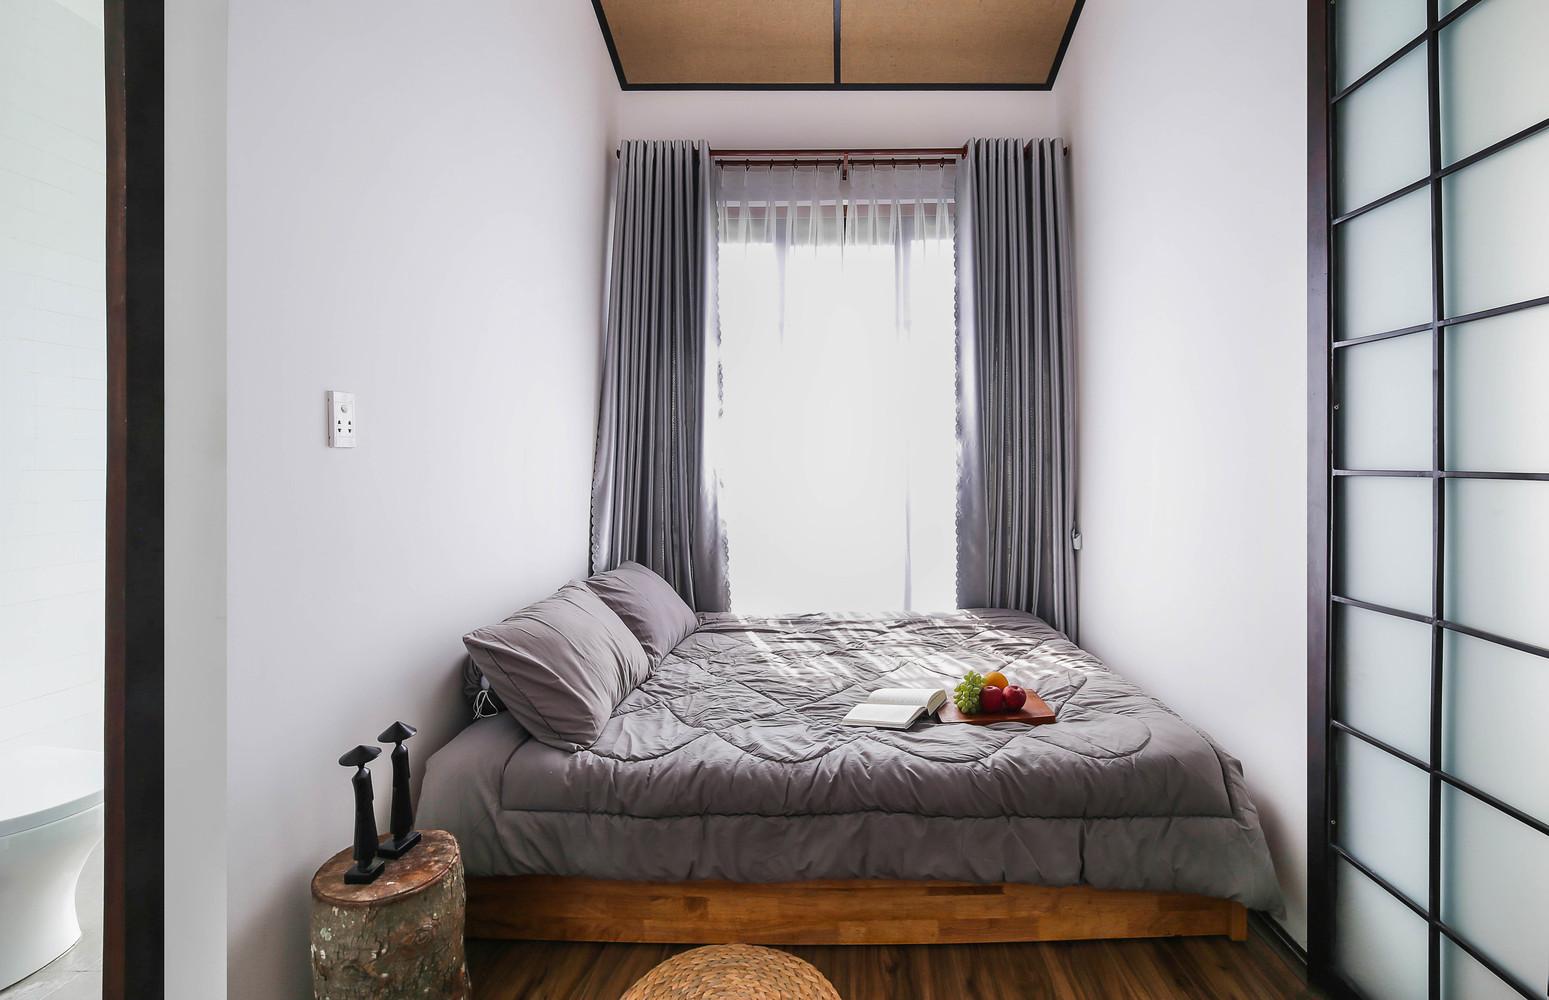 tama house - 36 1571220197 - Ngôi nhà mang đậm phong cách Nhật Bản giữa thành phố Tây Ninh